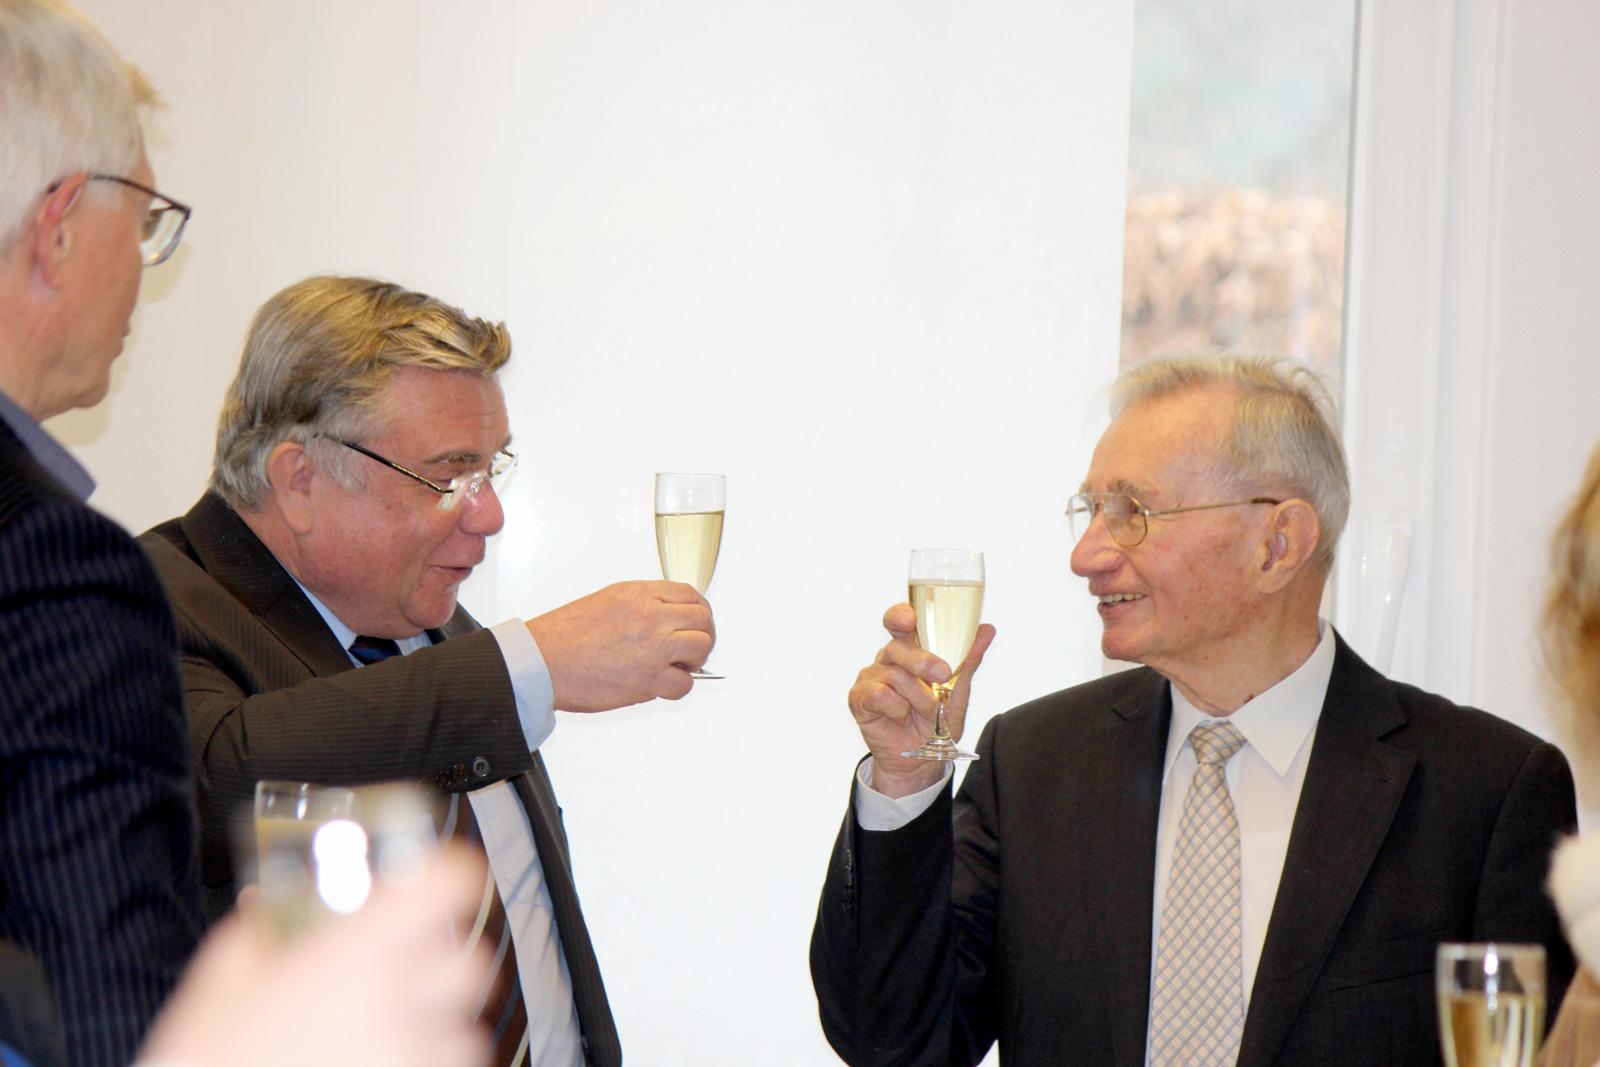 """Man könne heute sogar von einem Doppeljubiläum sprechen, denn Gerd Neumann feiert nicht nur seinen stattlichen 90. Geburtstag, er ist auch seit 45 Jahren Mitglied der Lebenshilfe, die 1969 gegründet wurde. John bezeichnete Gerd Neumann als """"Schrittmacher"""""""